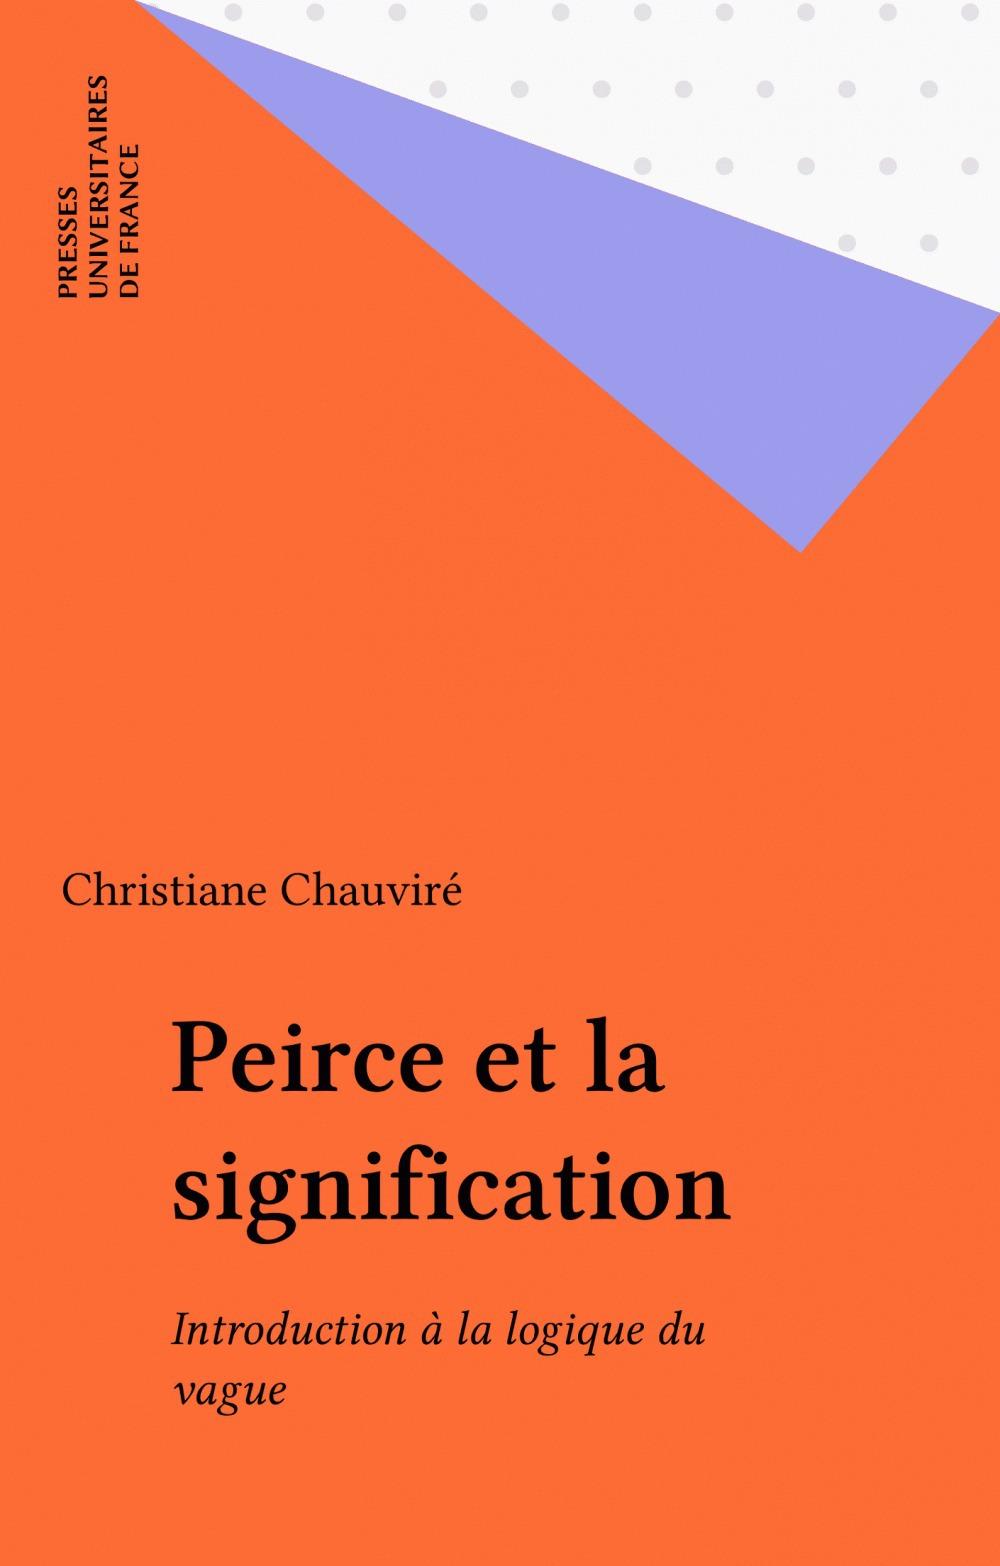 Christiane Chauviré Peirce et la signification